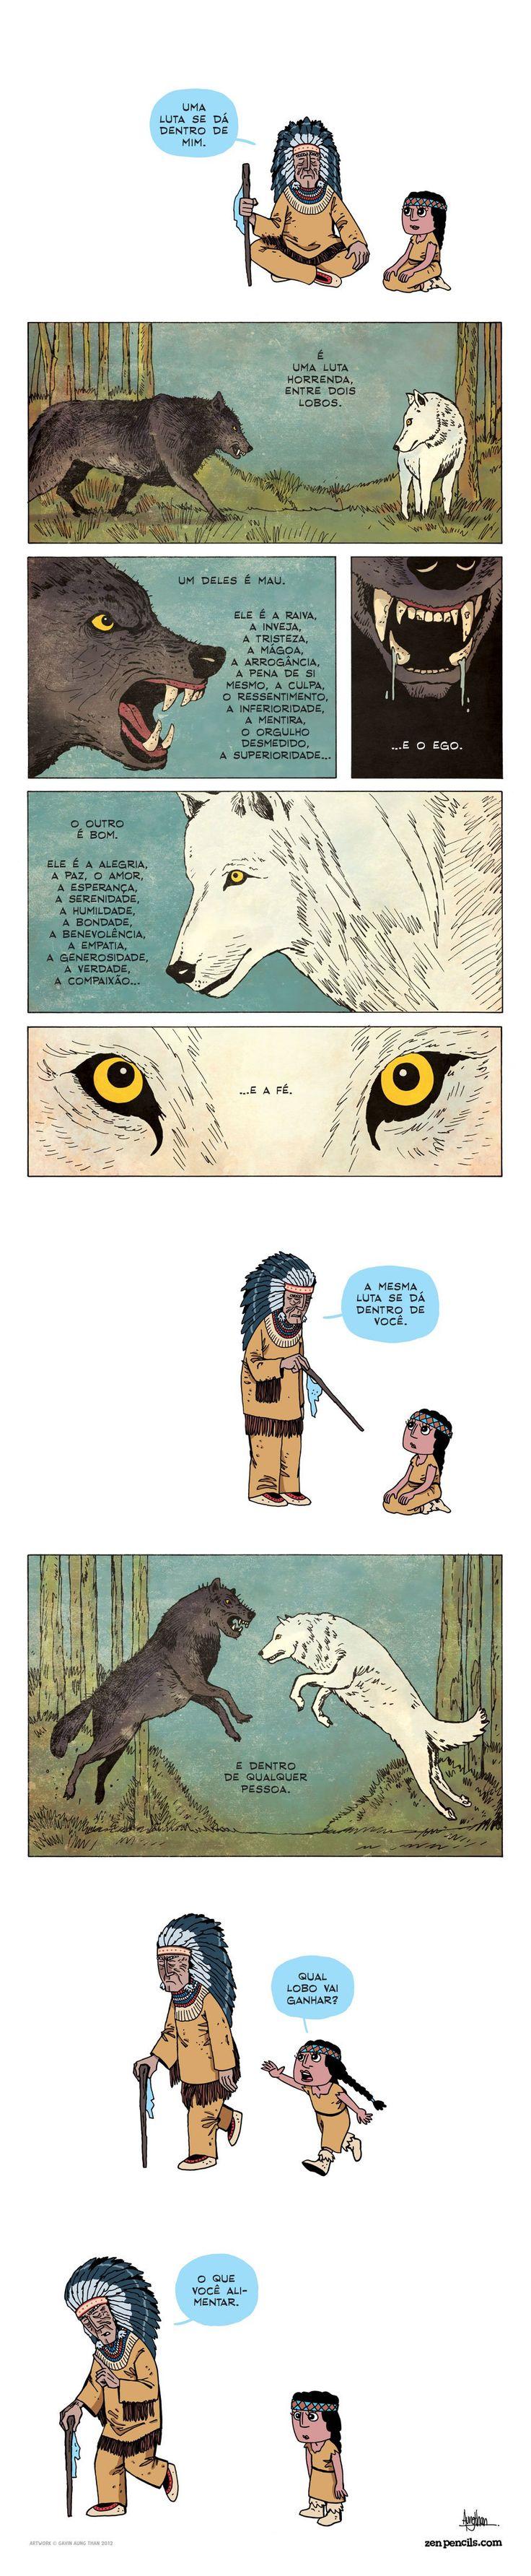 Sabe aquelas citações famosas que muitos reproduzem na internet? Já imaginou se fossem feitos quadrinhos sobre elas? Pois bem, apresento-lhes Lápis Zen.